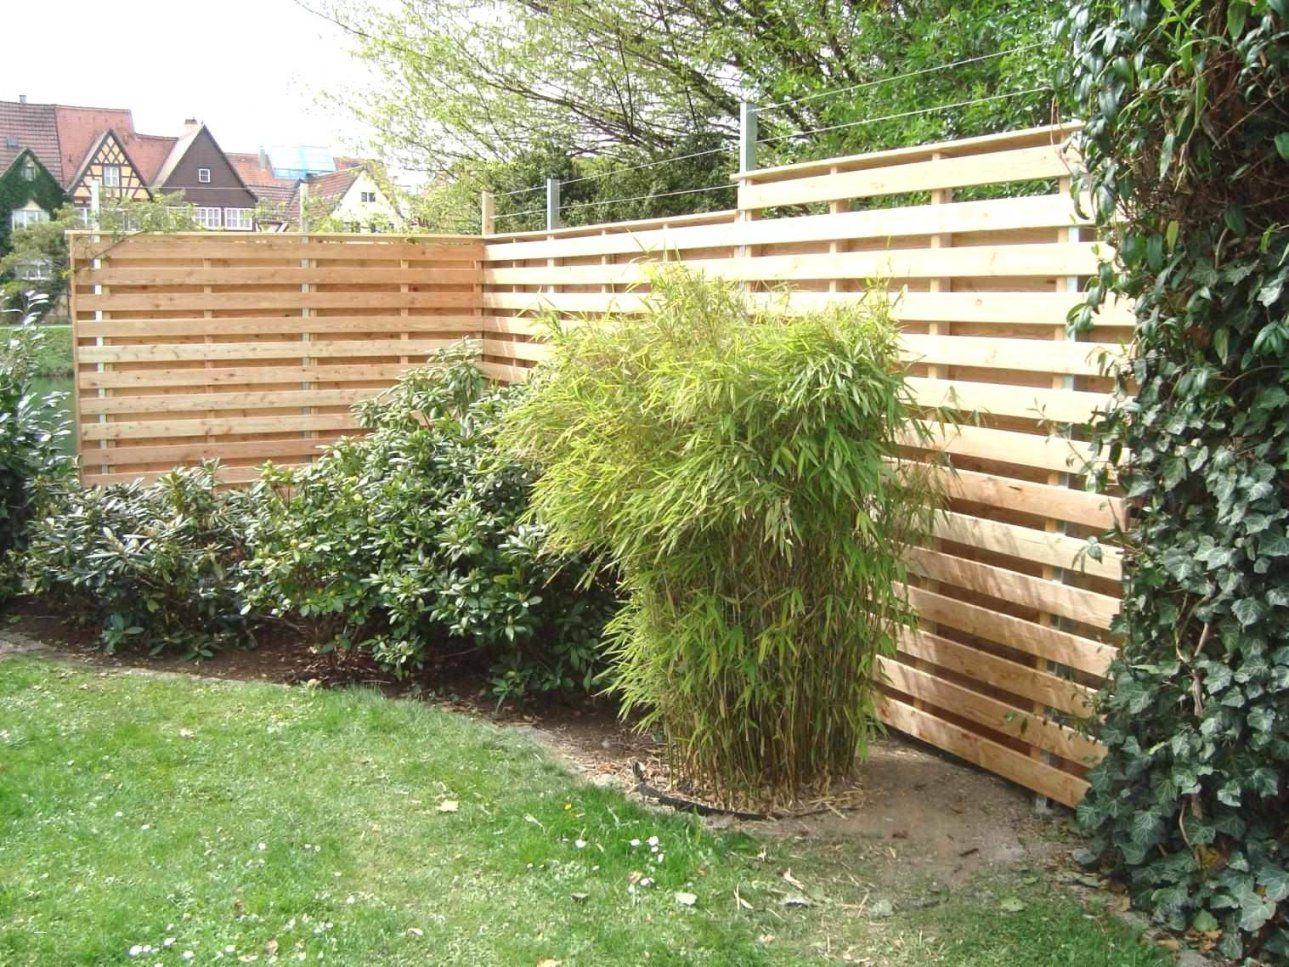 Sichtschutz Garten Holz Schön Frisch 40 Sichtschutz Selber Bauen von Günstiger Sichtschutz Selber Bauen Photo